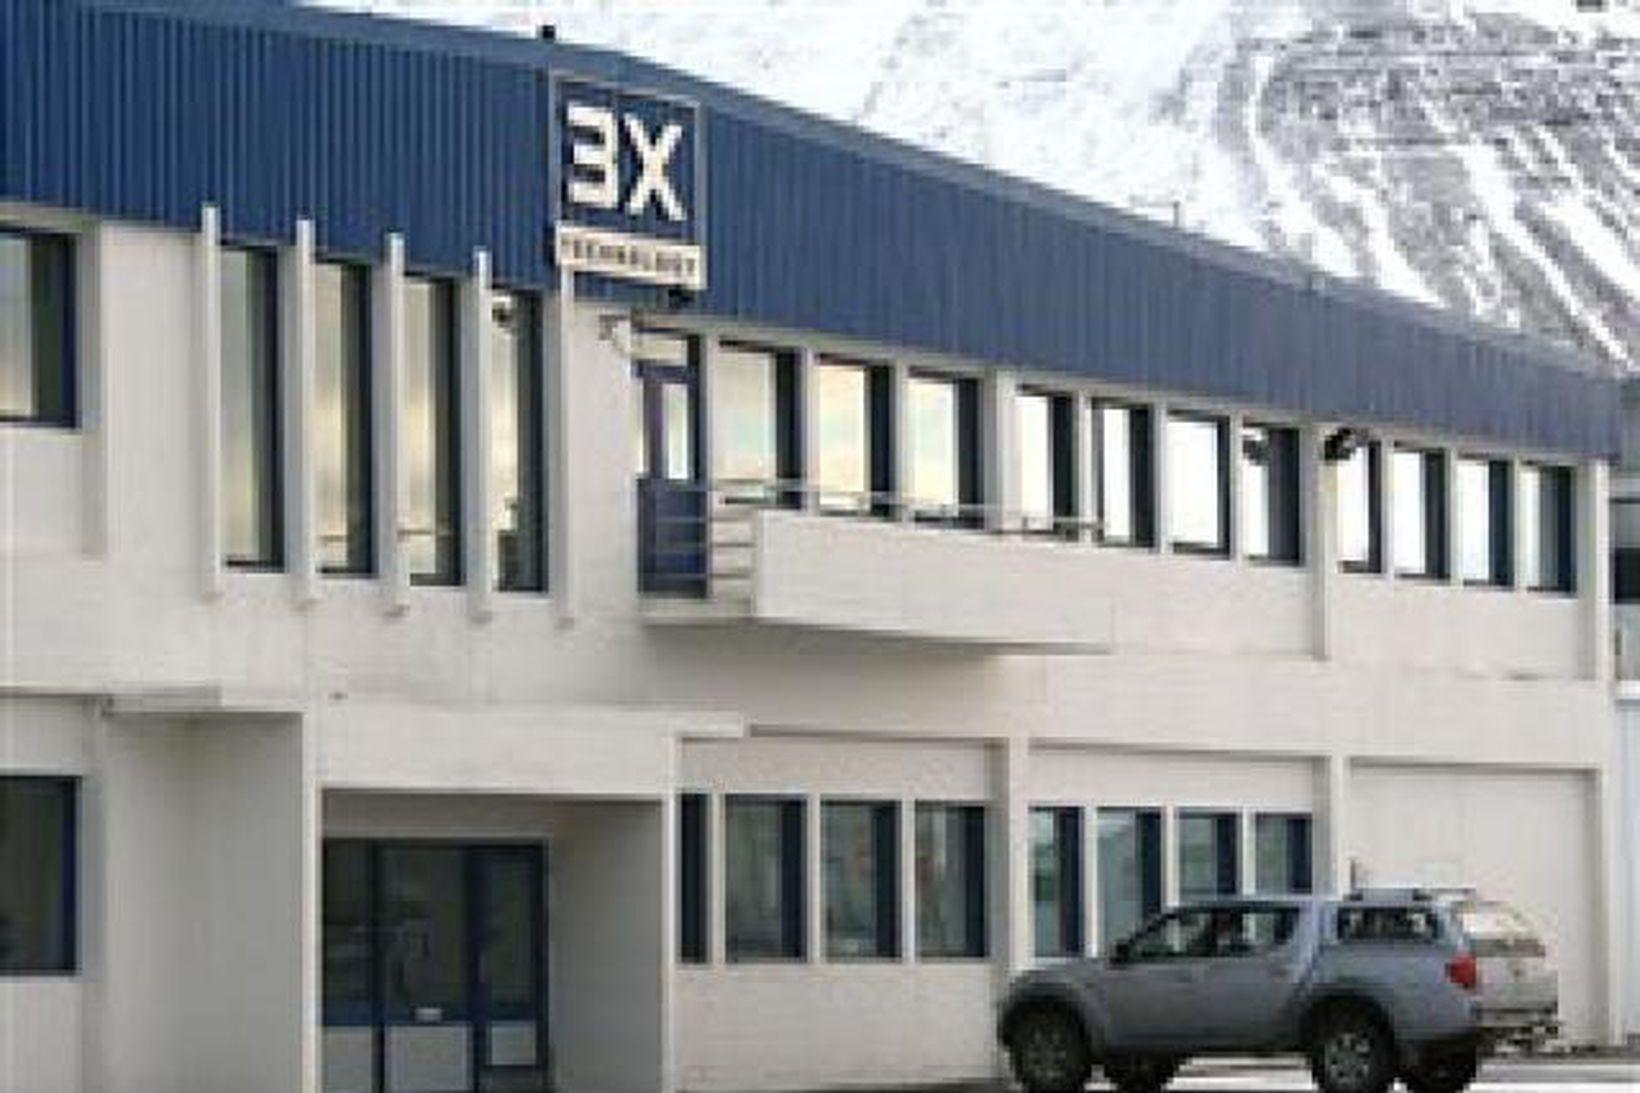 Höfuðstöðvar 3X á Ísafirði.